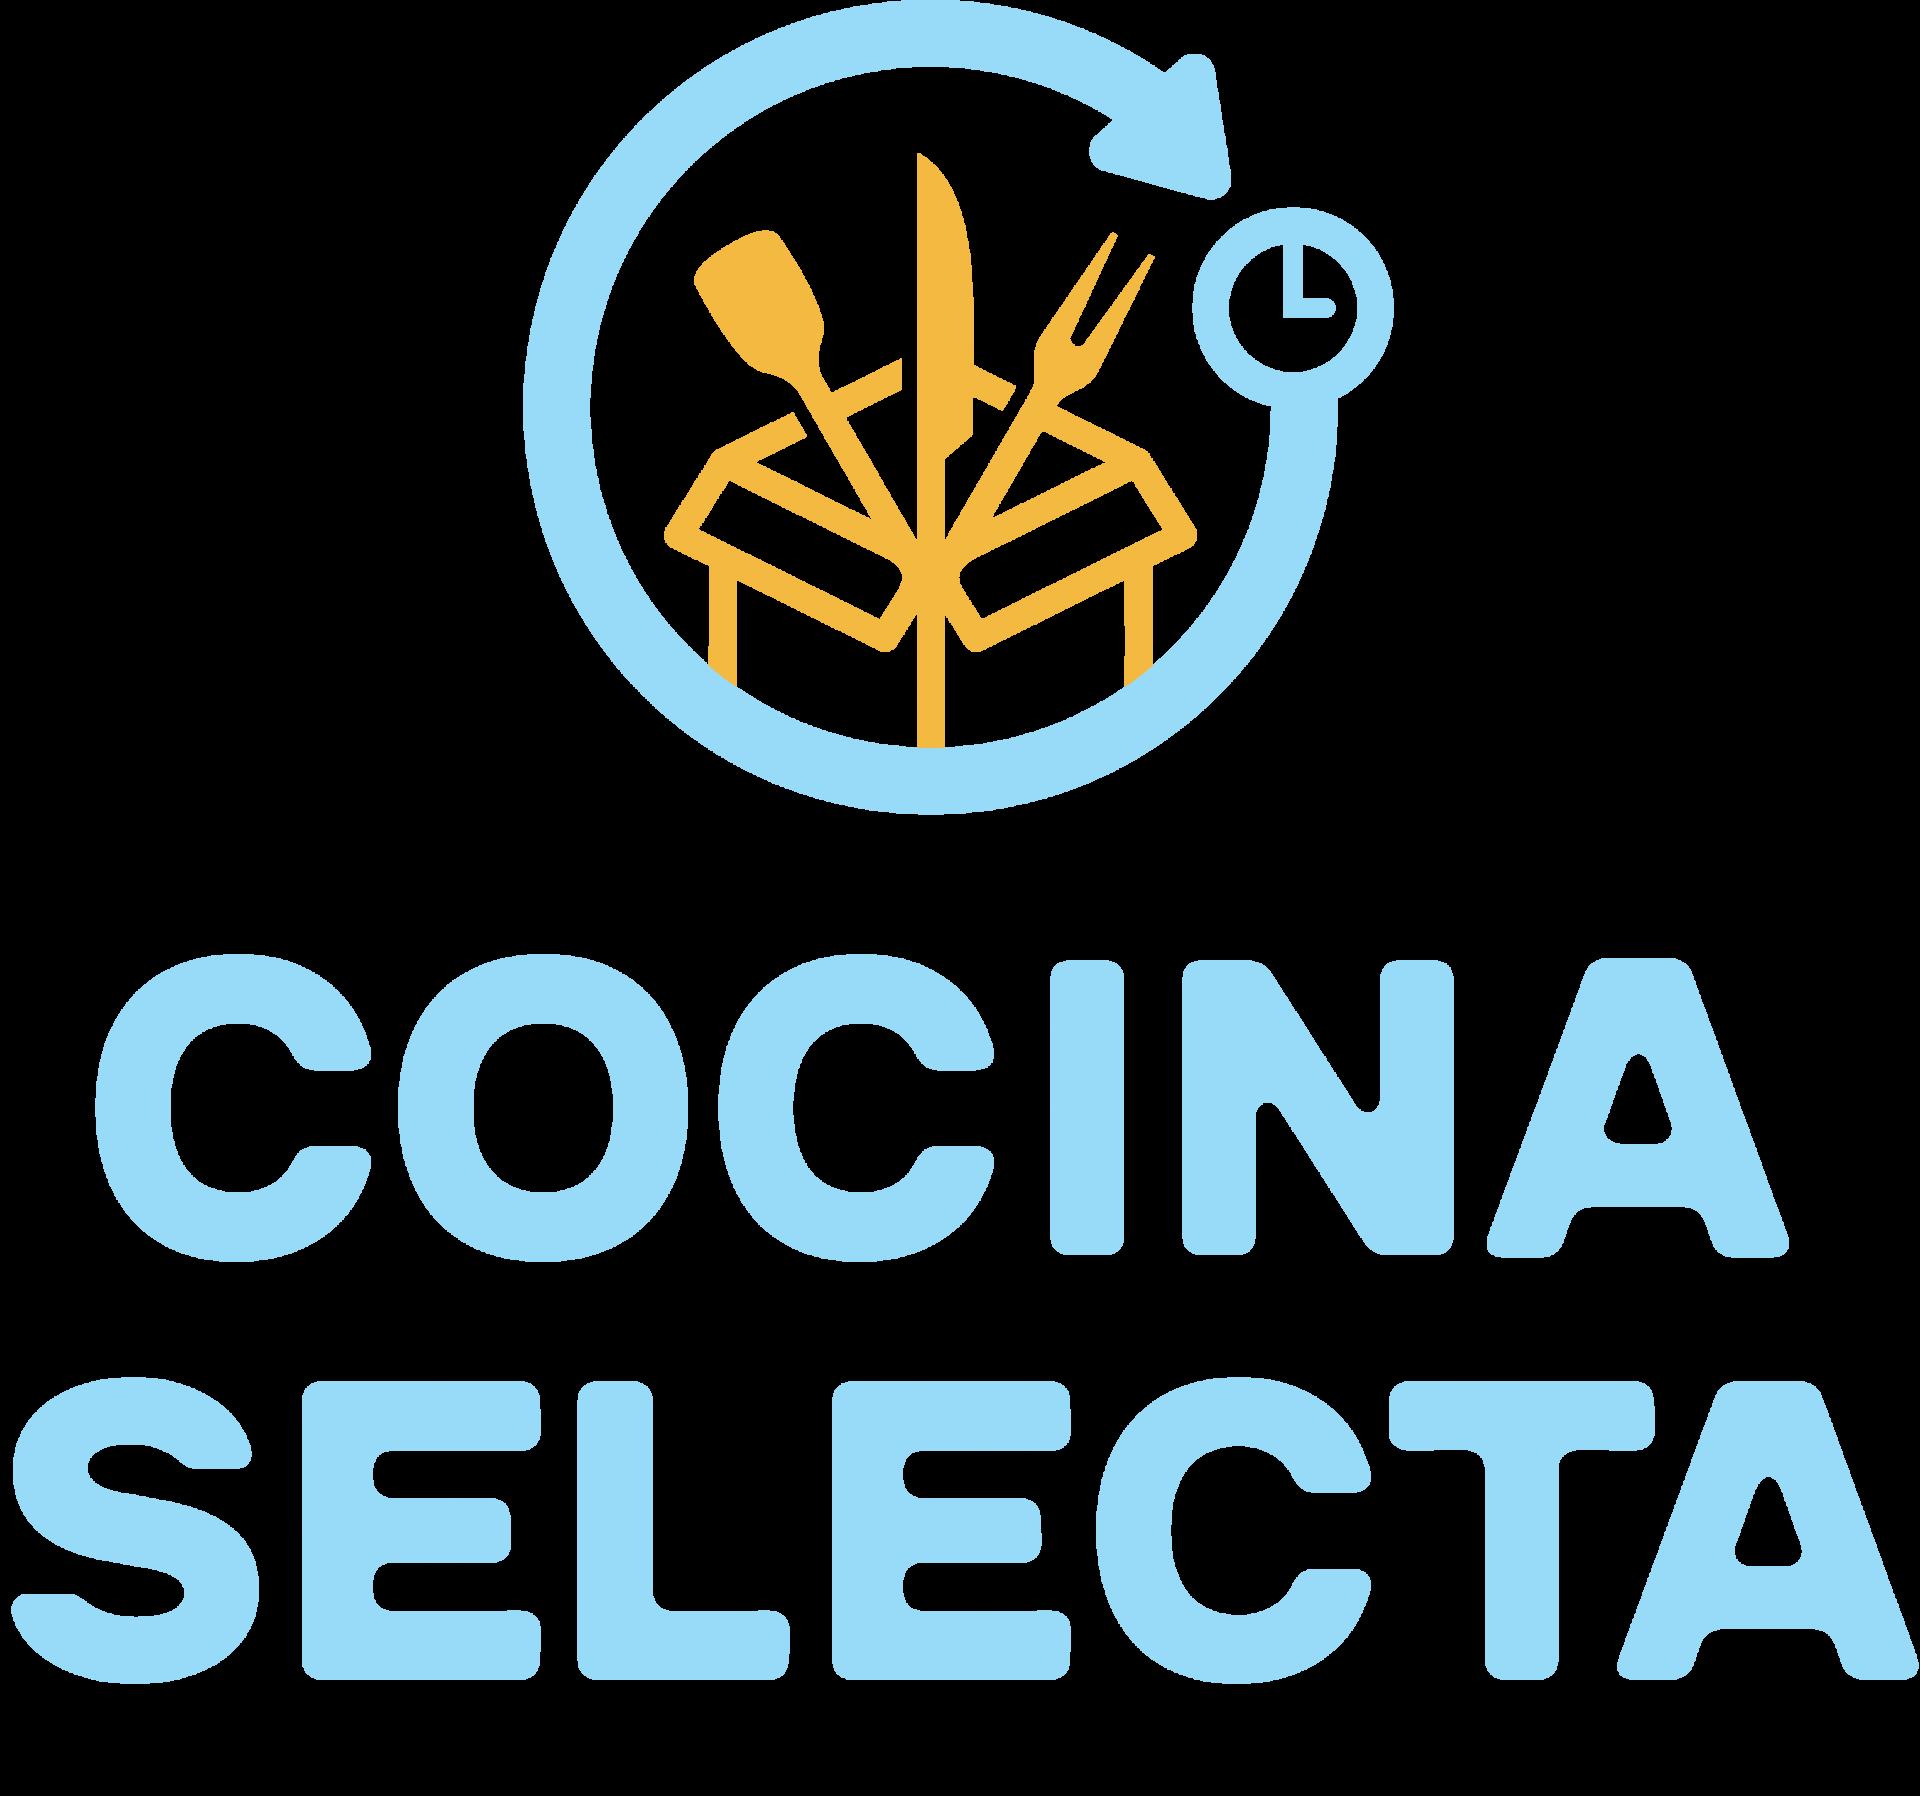 Cocina Selecta logo